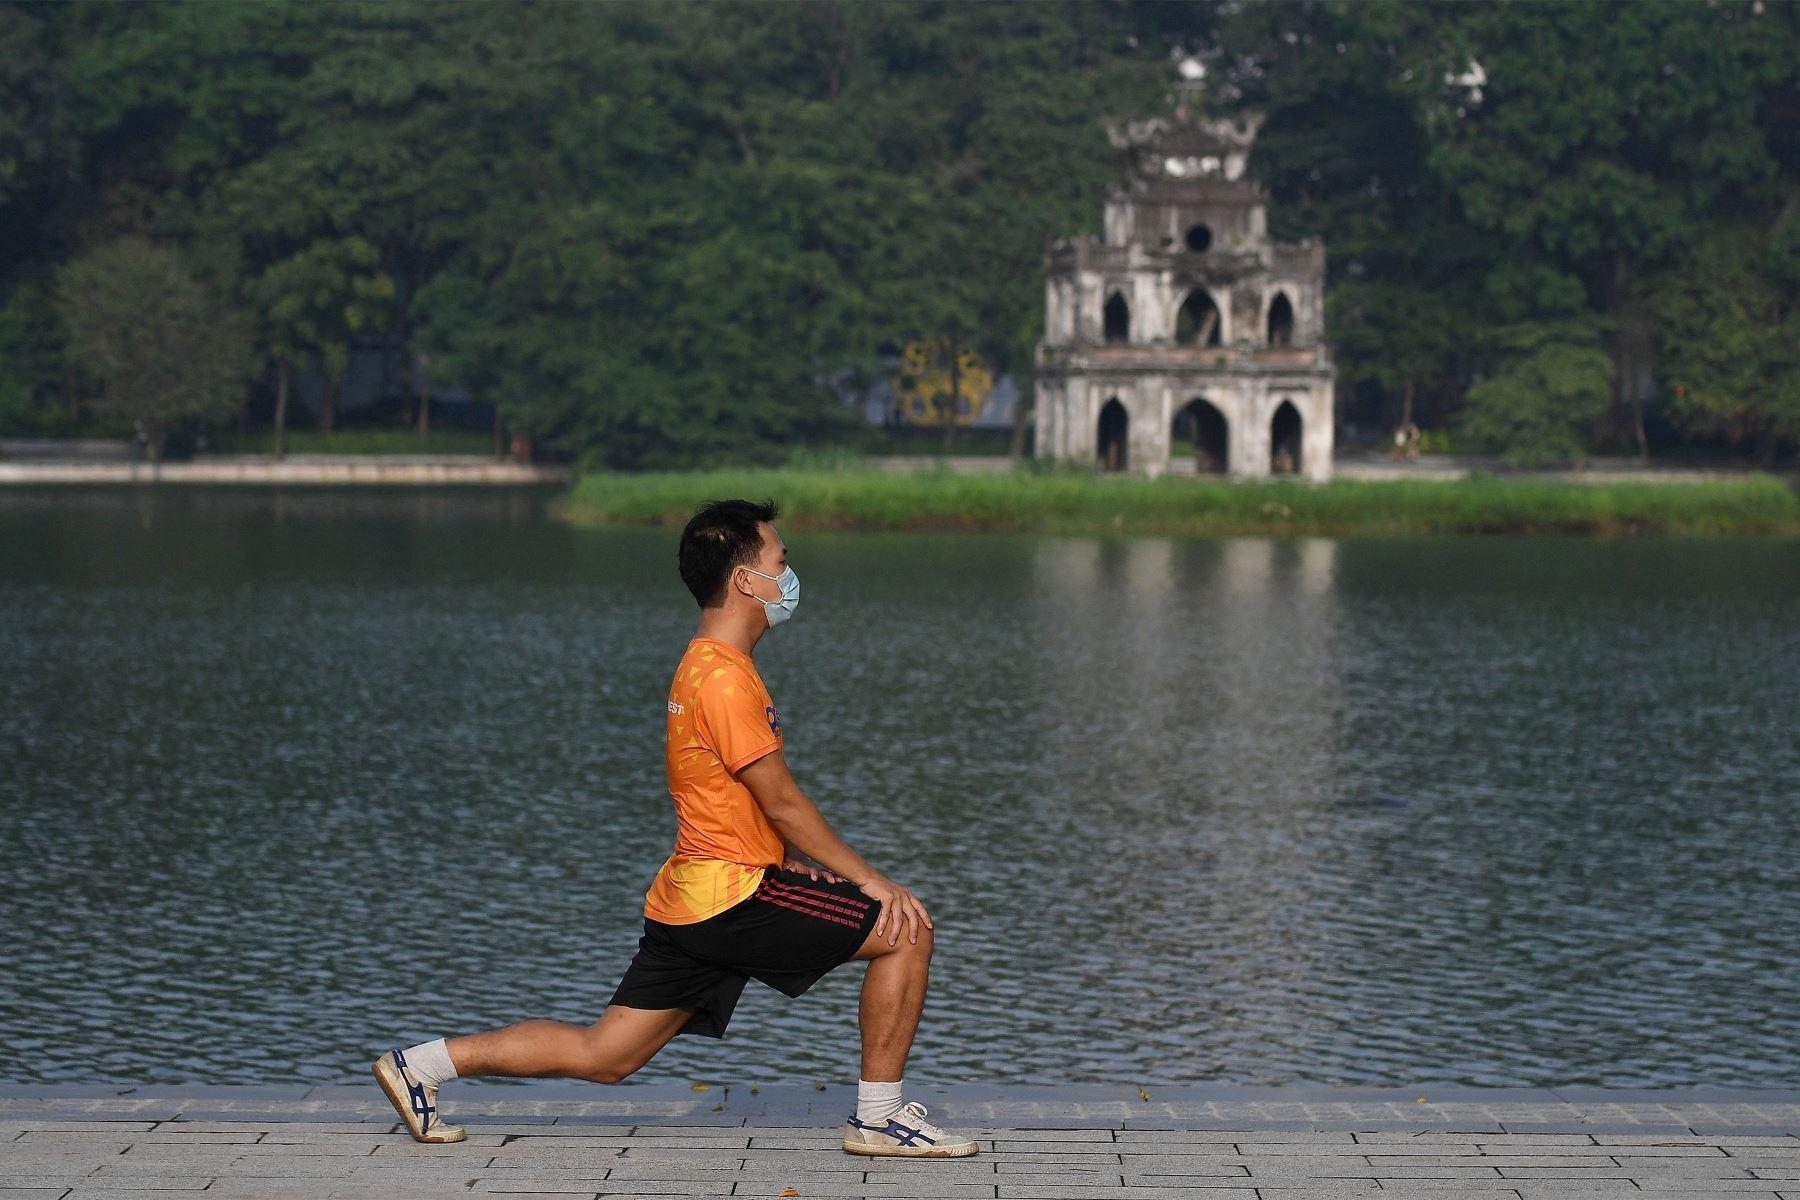 Un hombre se ejercita a lo largo del lago Hoan Kiem en Hanoi , luego de que las autoridades de la ciudad permitieran actividades deportivas al aire libre luego de la flexibilización de las restricciones del coronavirus. Foto: AFP